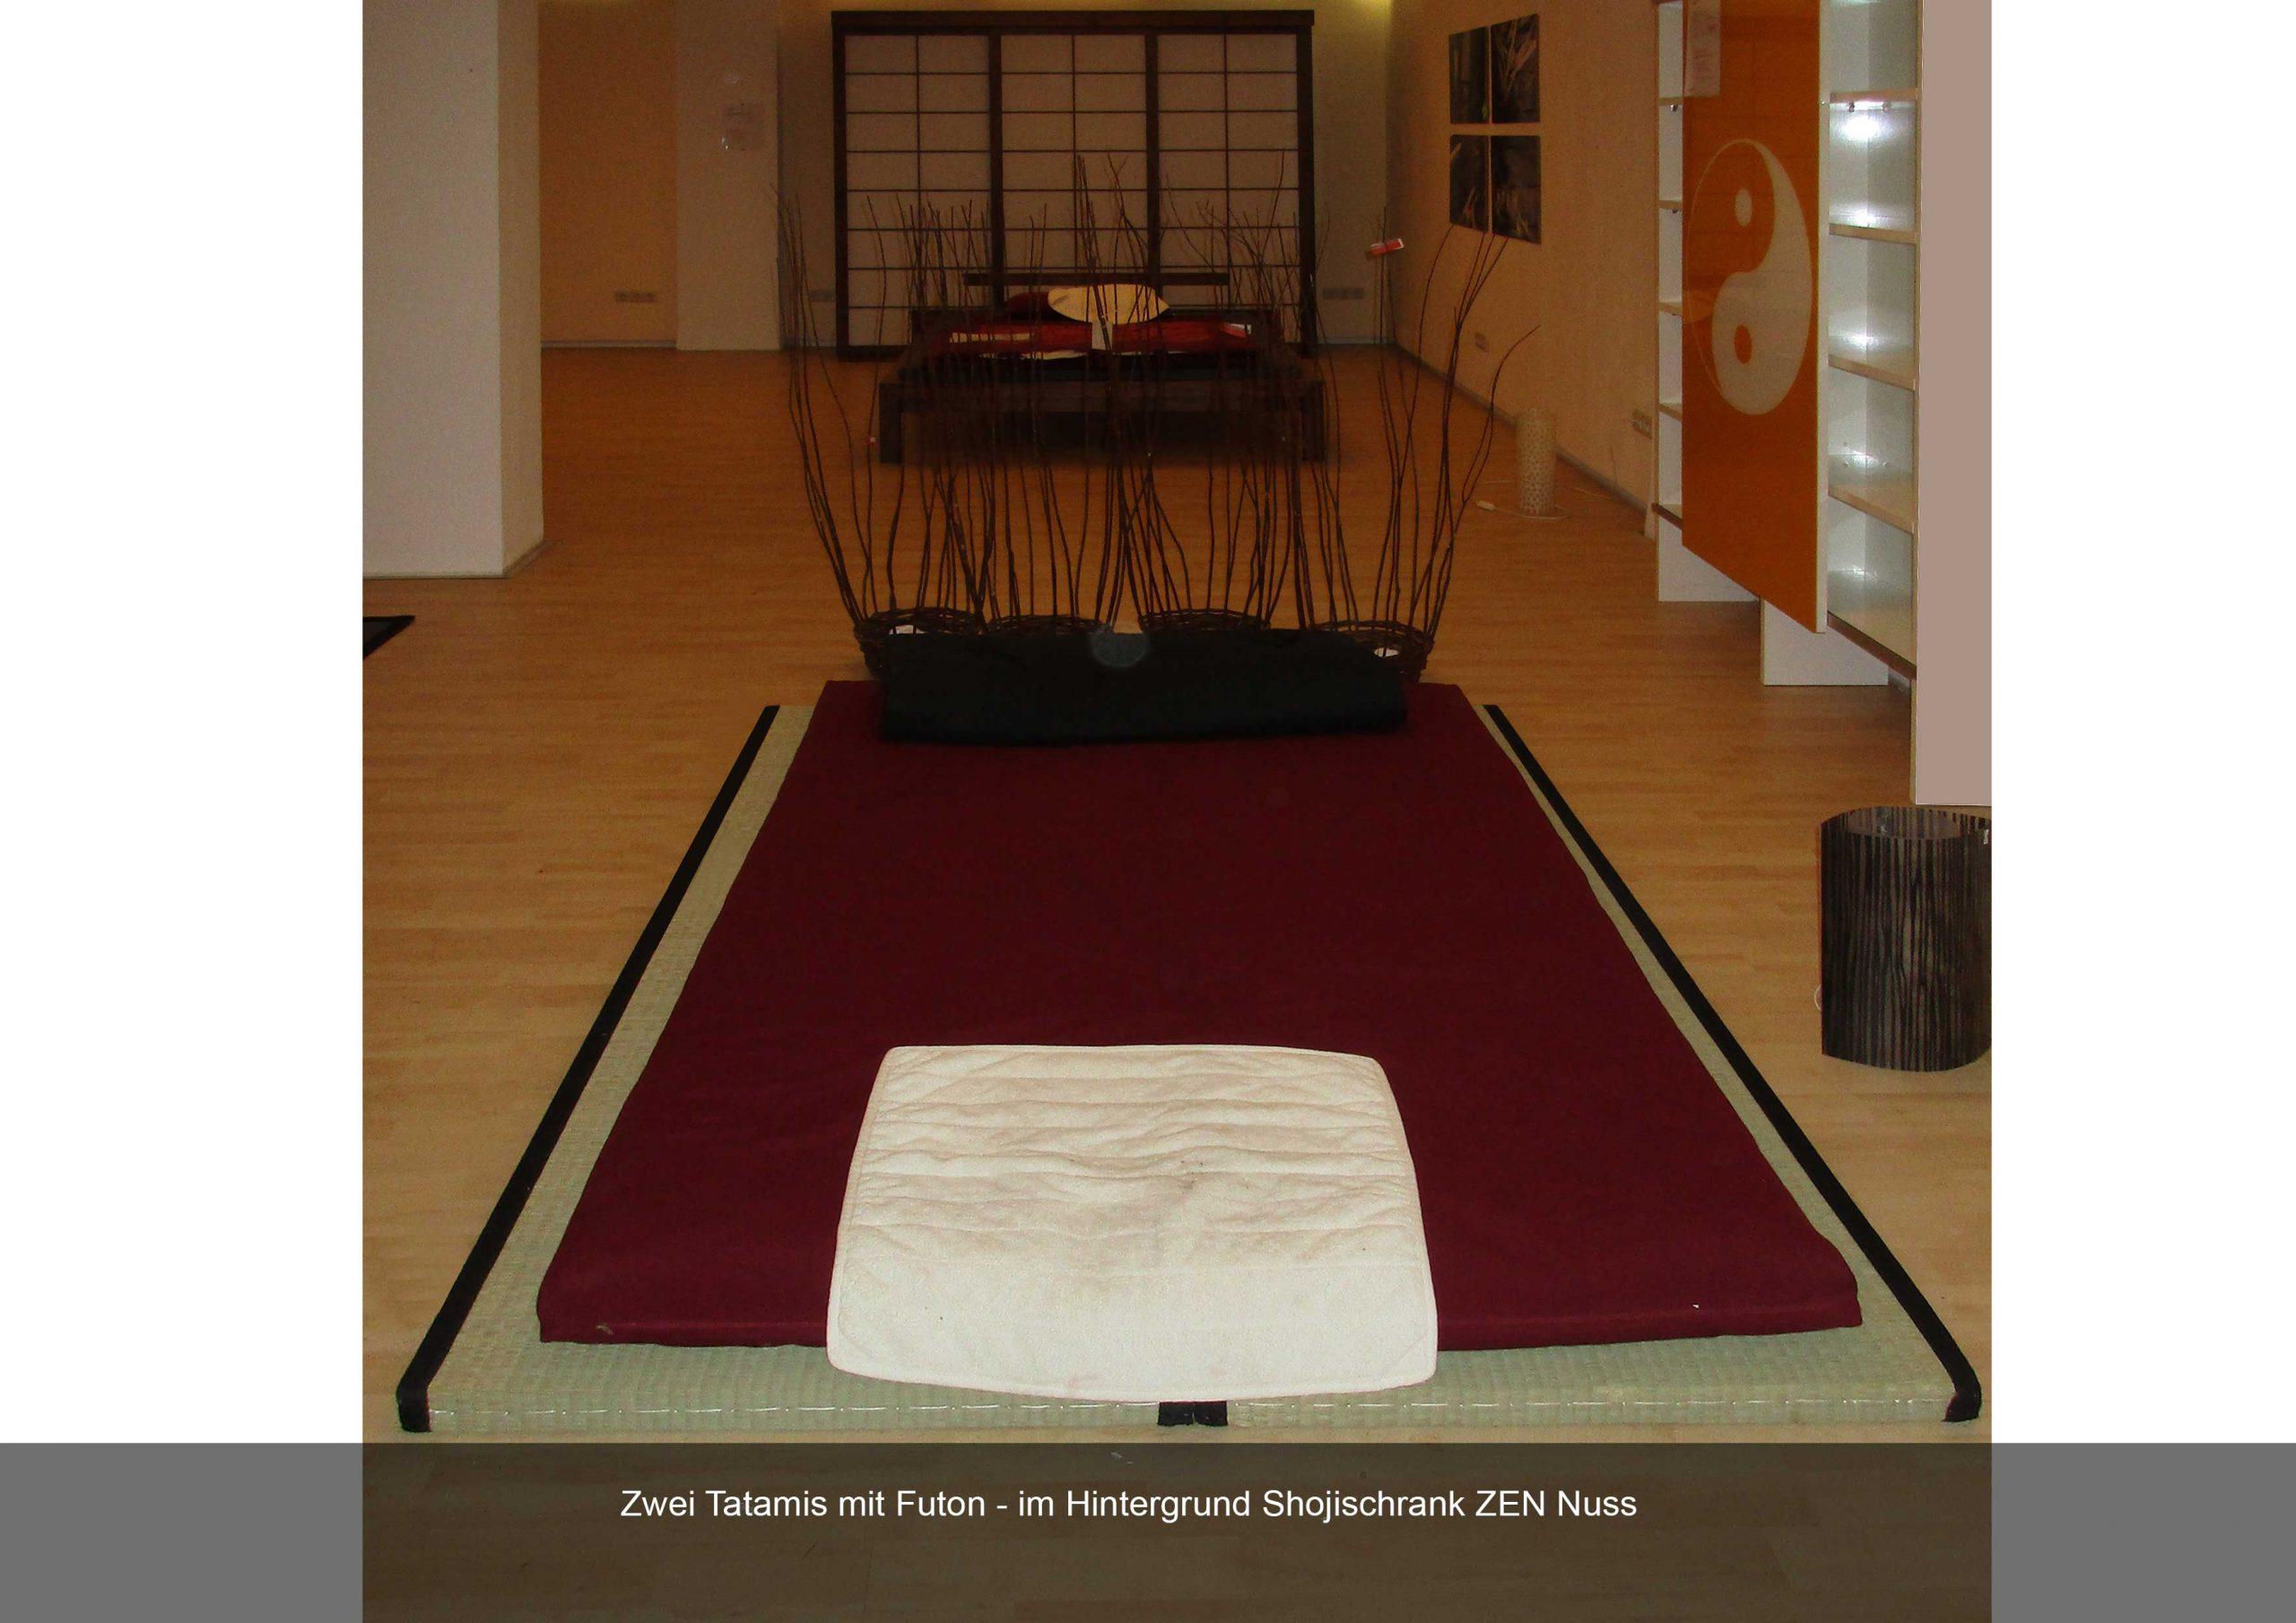 Tatami High Quality Futon Schojischrank Nussbaum ZEN